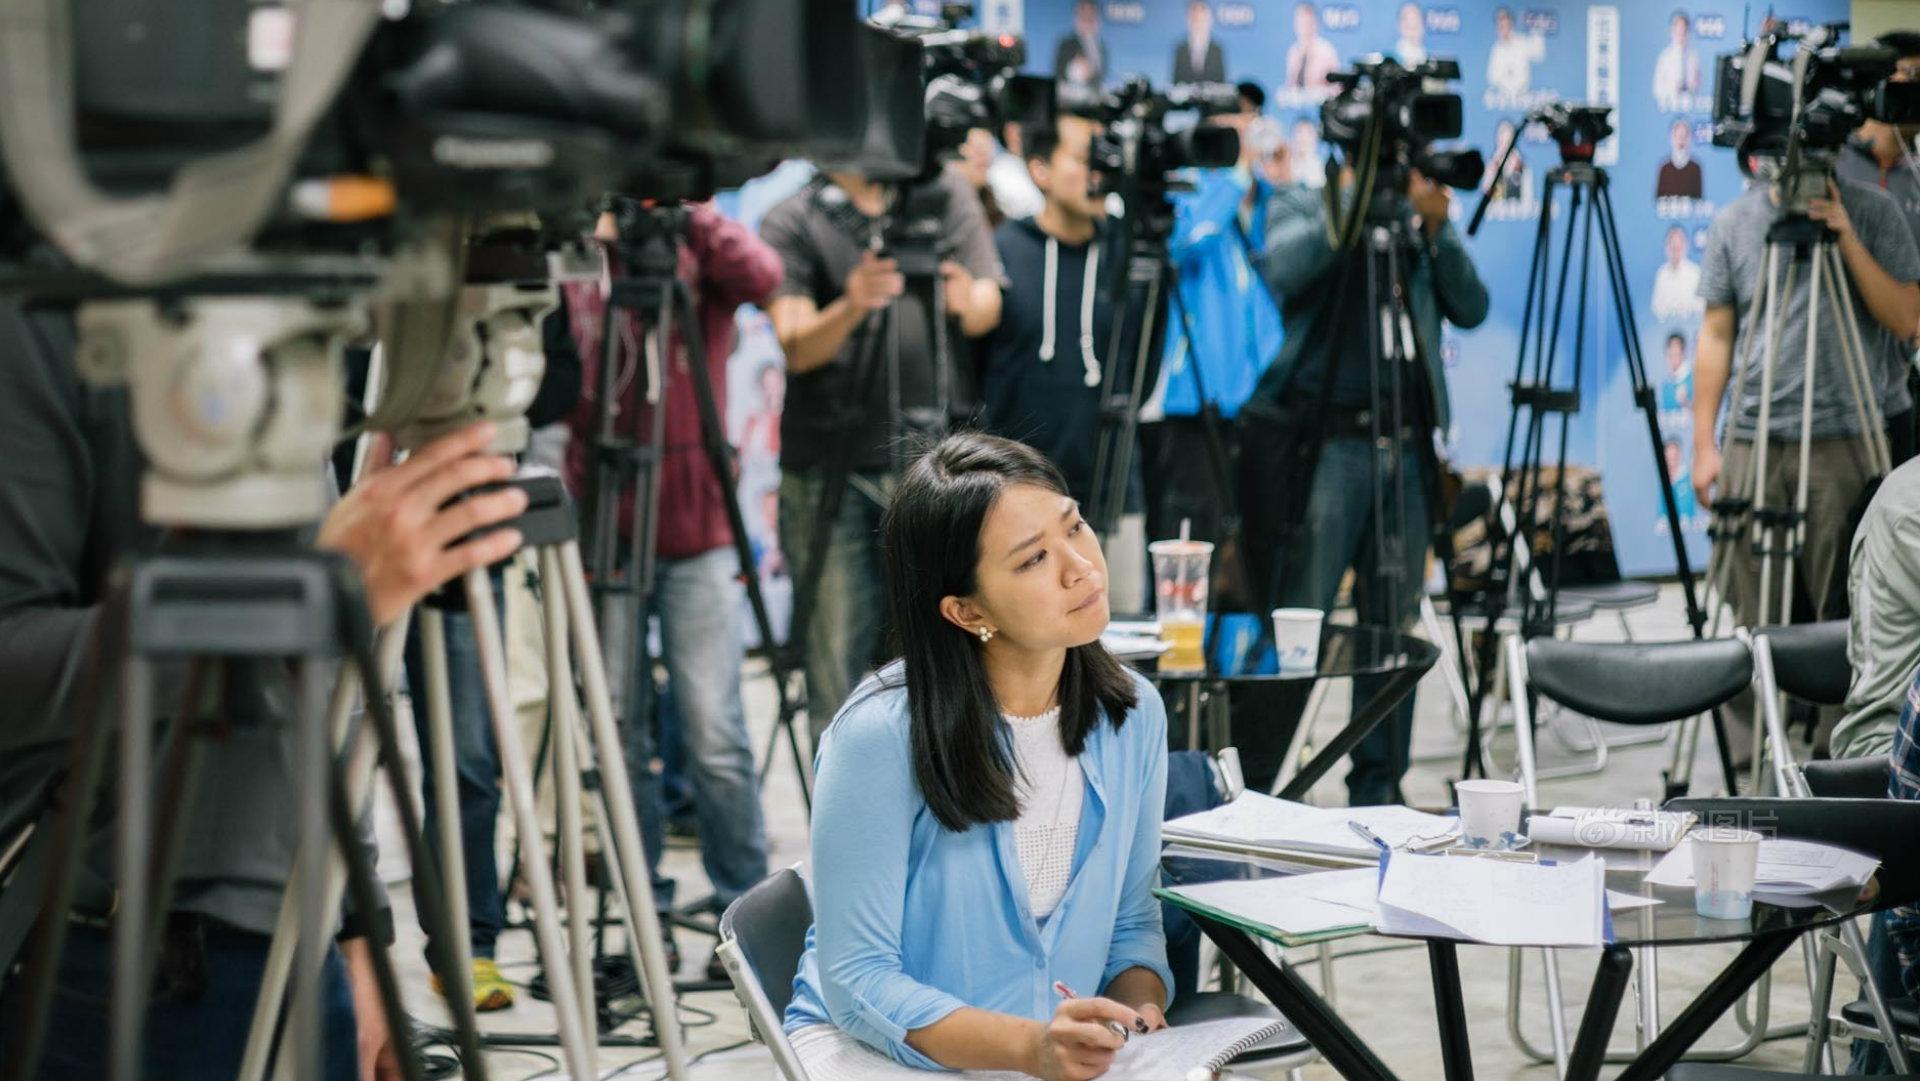 【語音專訪新聞】要好奇、要執著,記者是一種生活方式- 新浪新聞駐華府負責人家婕